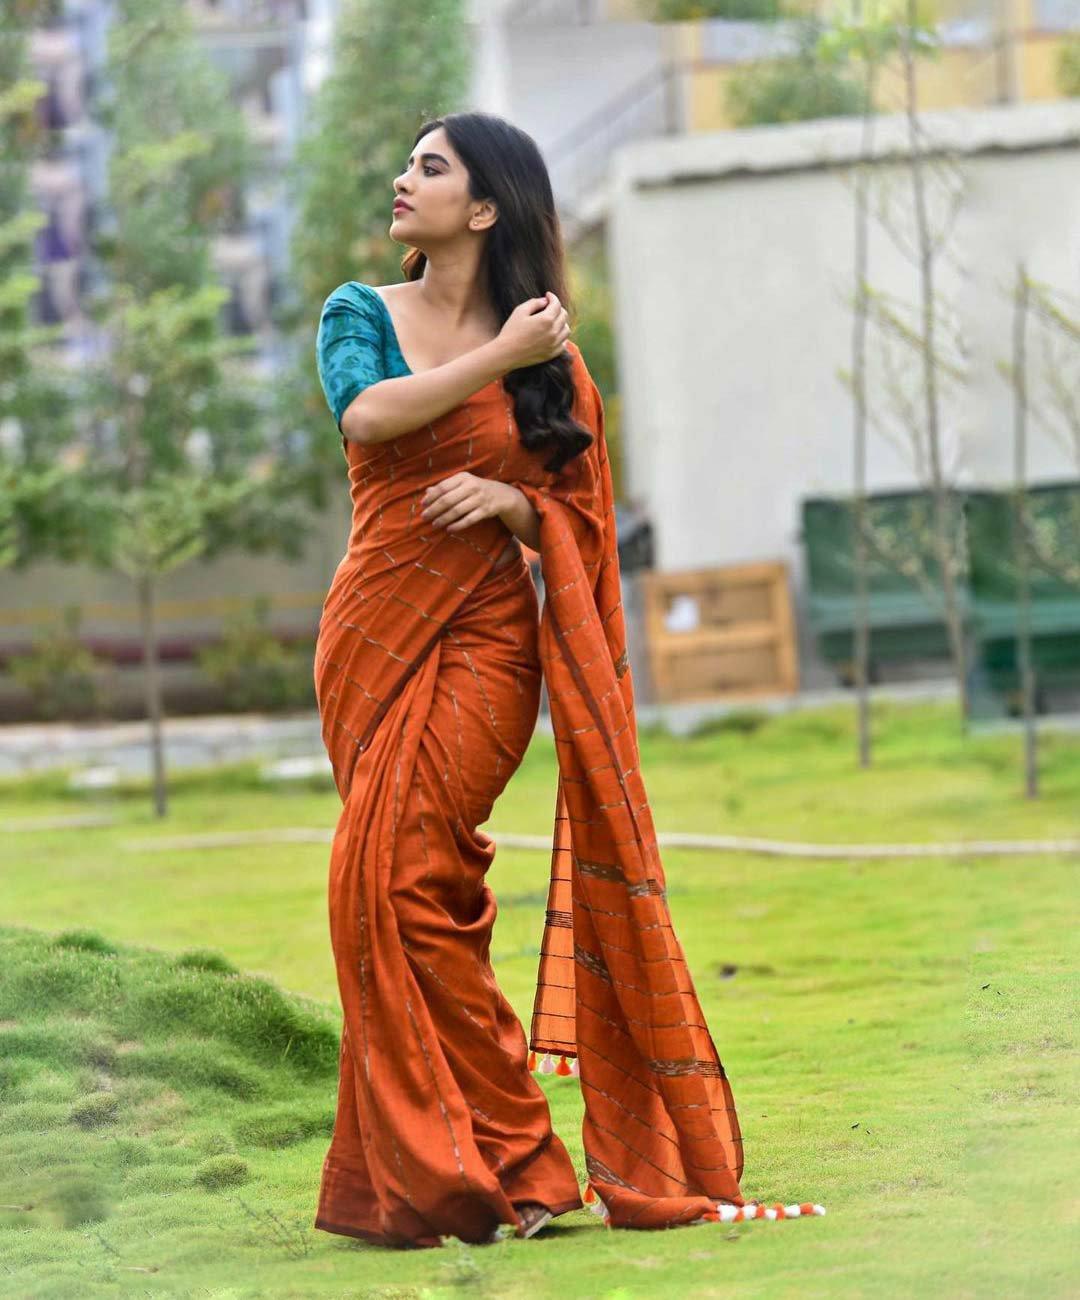 Nabha Natesh hot in orange saree